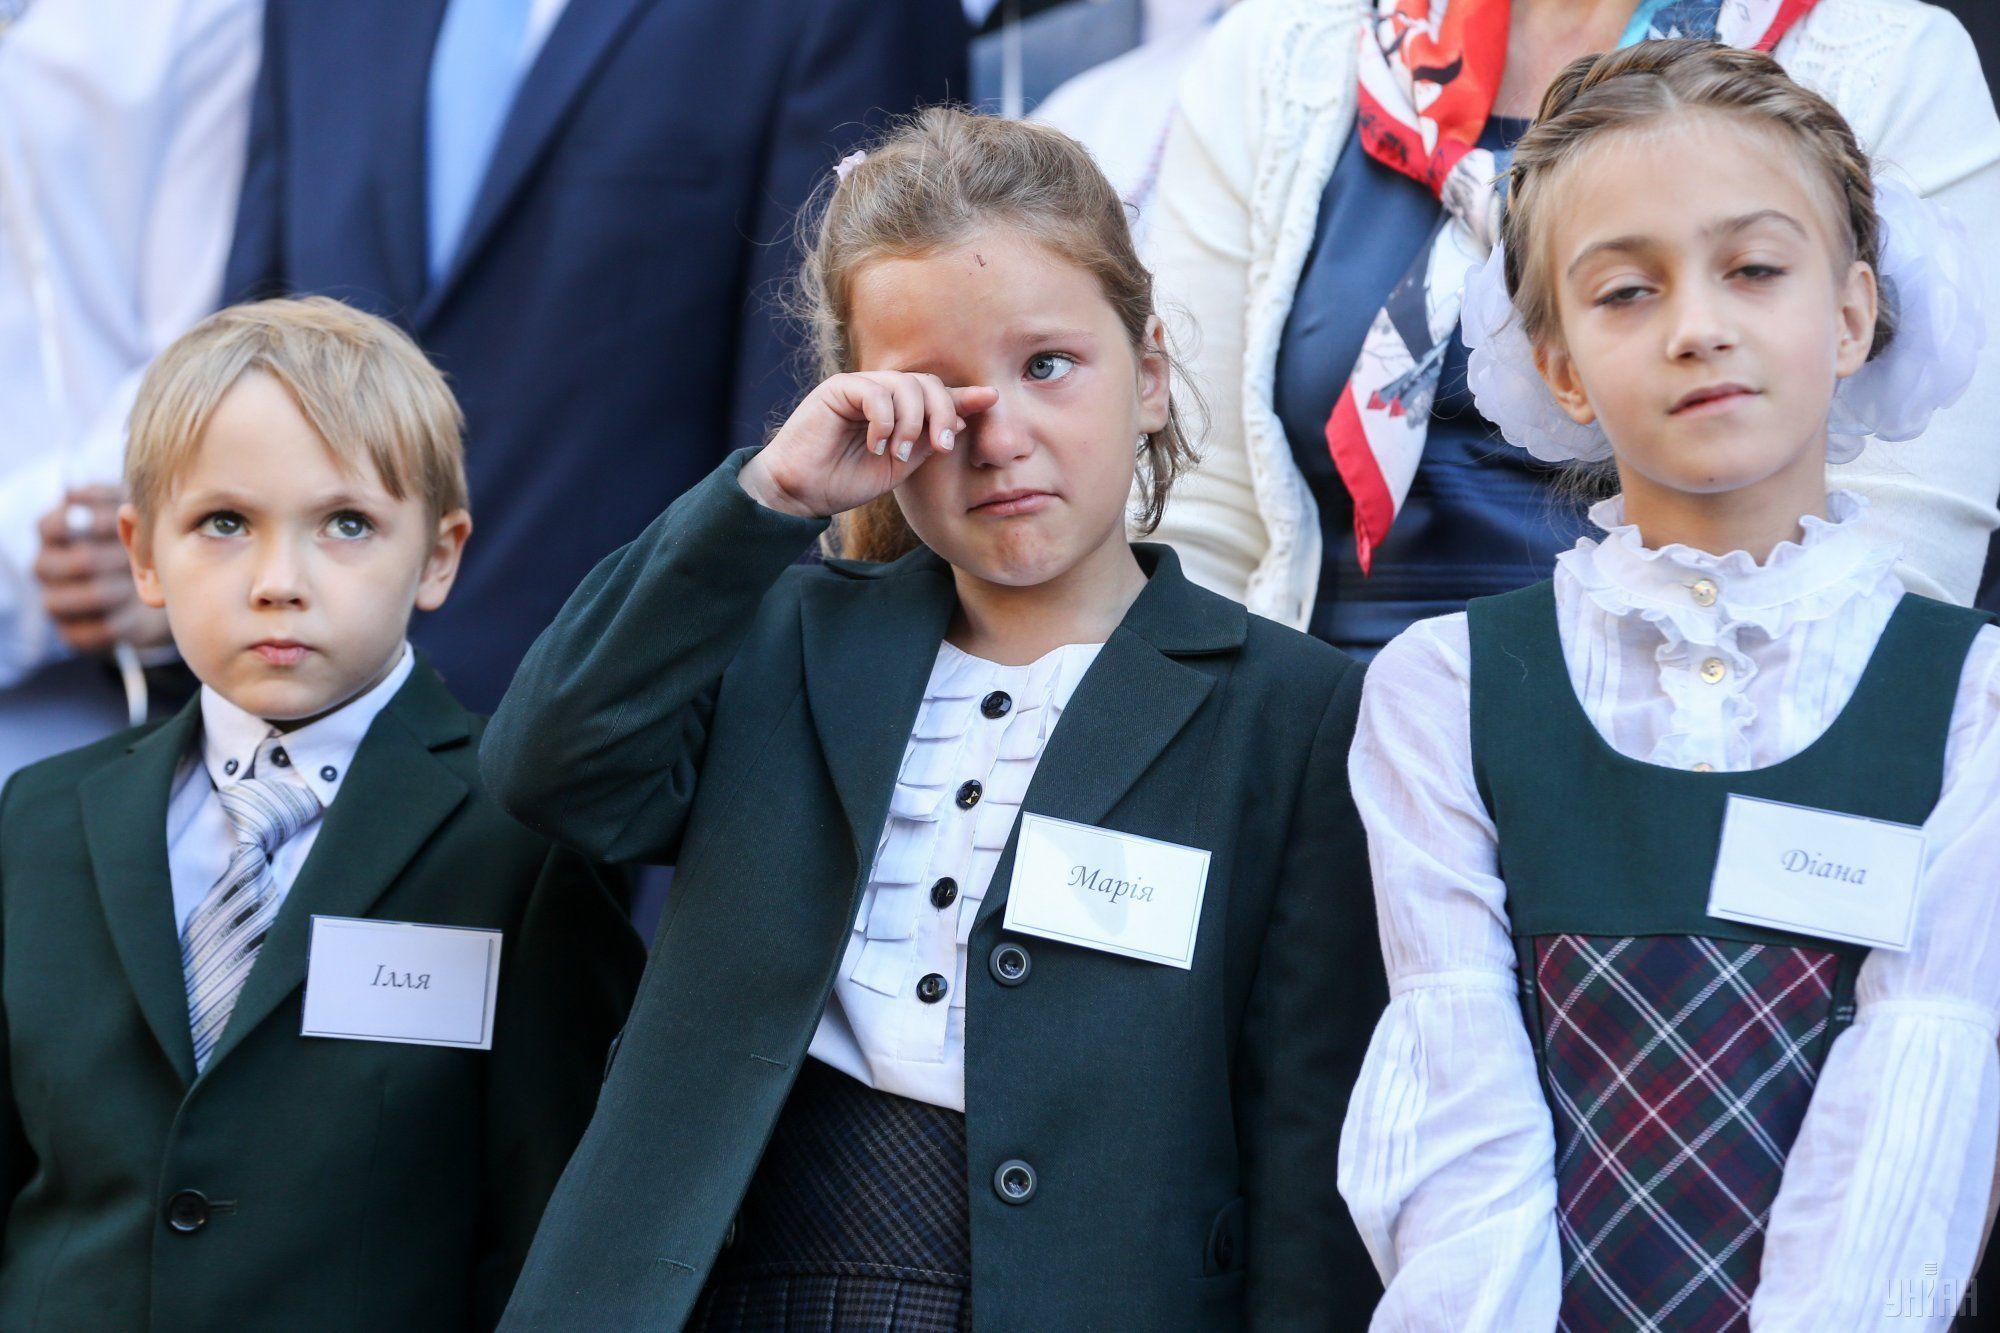 Свой первый День знаний маленькие школьники встречают со слезами на глазах / фото УНИАН